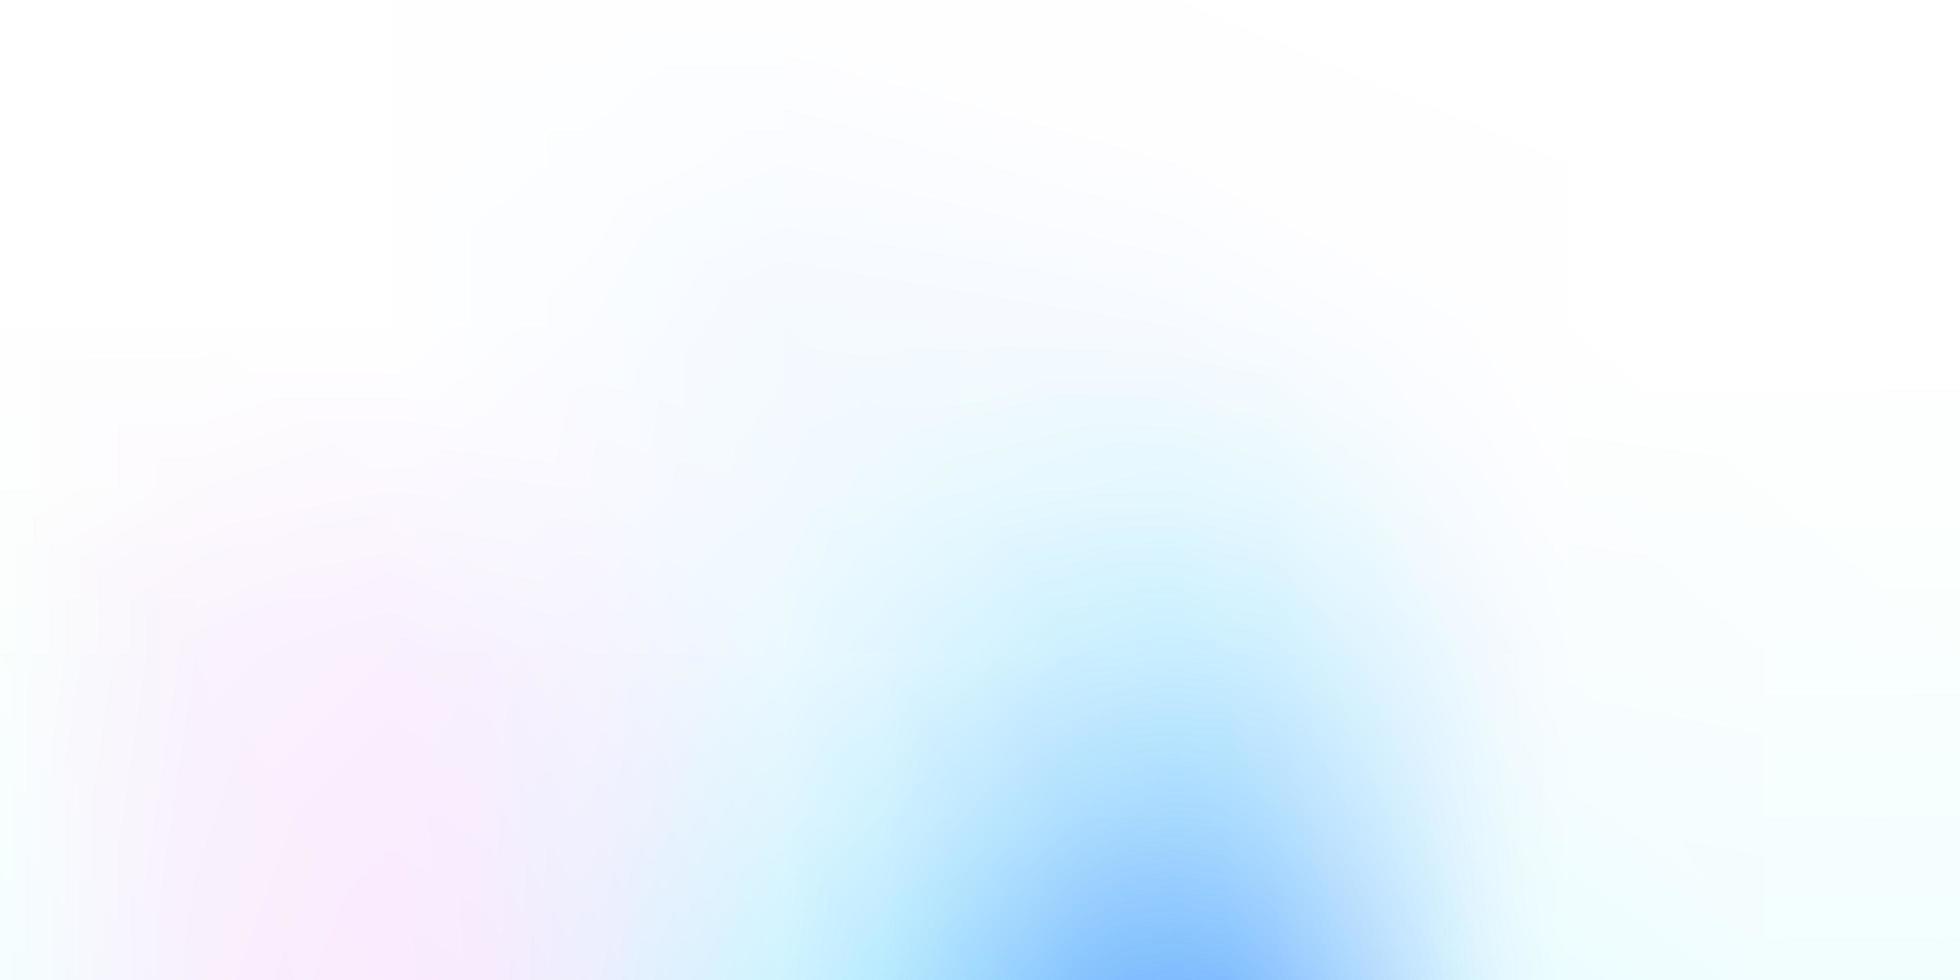 hellrosa, blauer Vektor unscharfer Hintergrund.